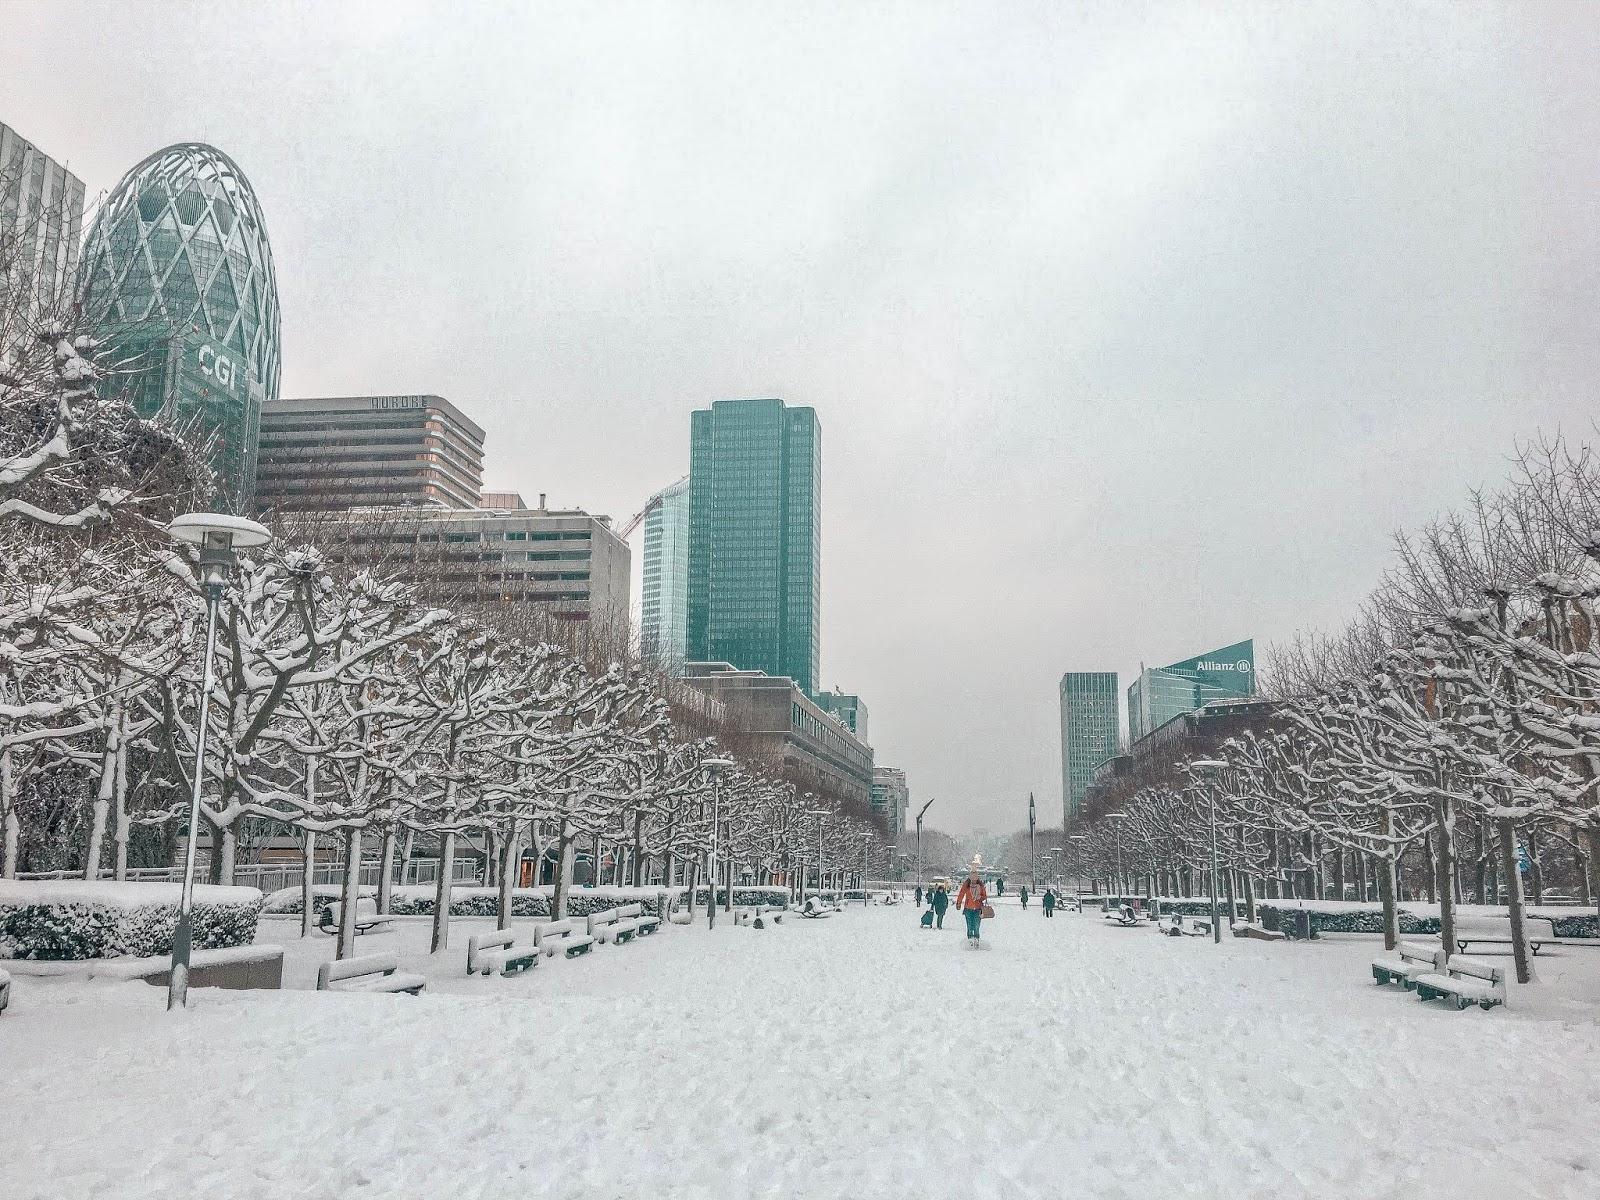 My Travel Background : au revoir Paris - La defense sous la neige